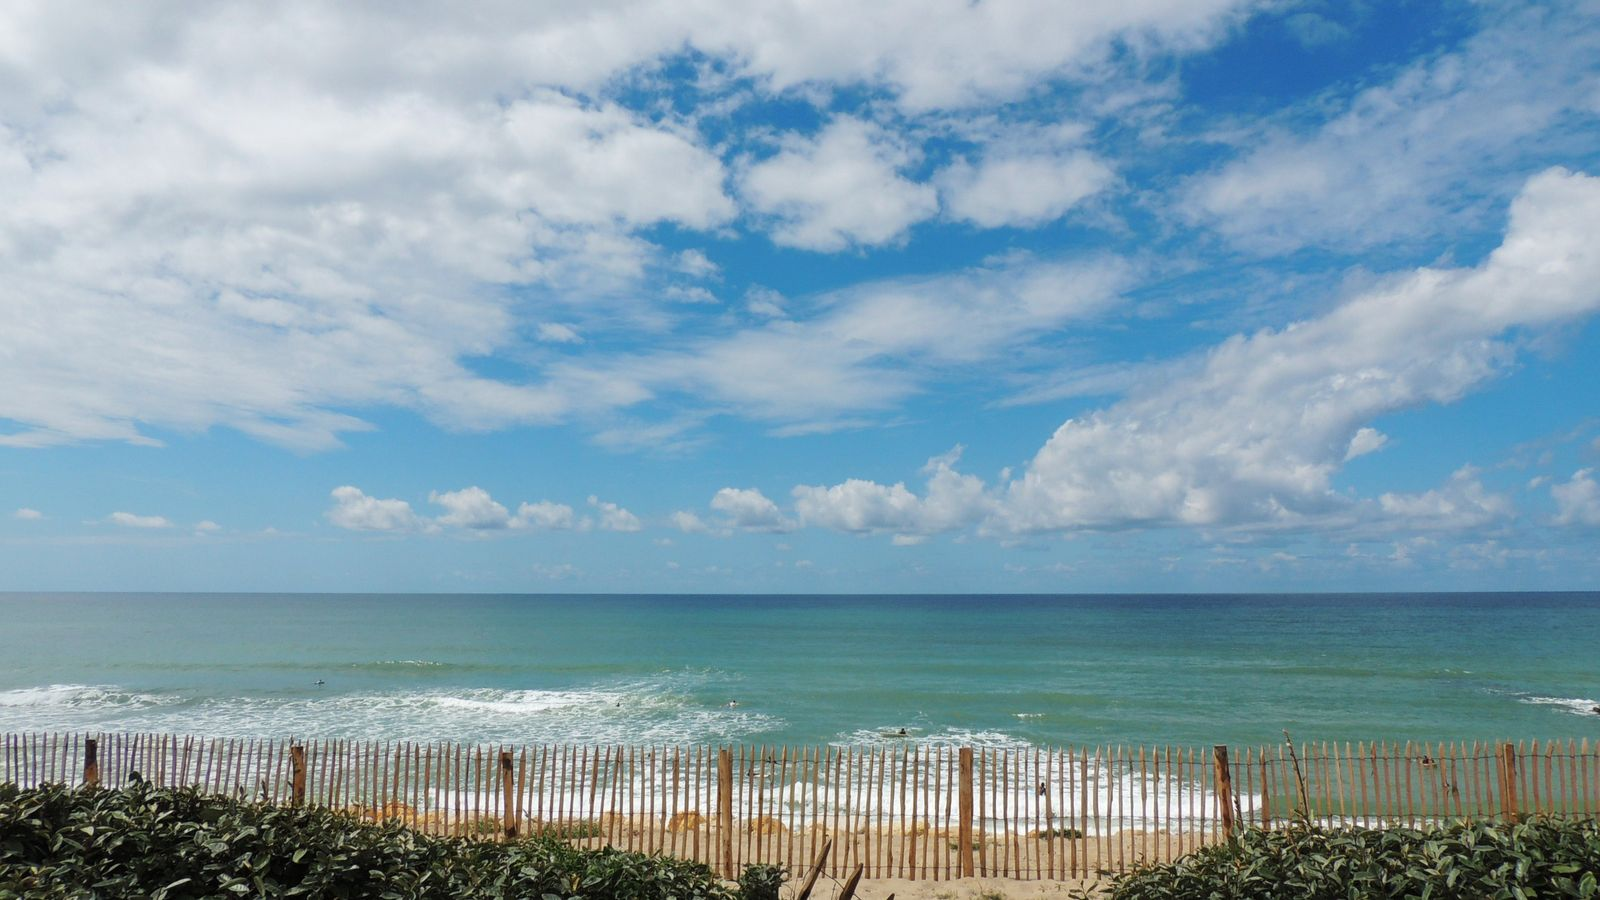 L'océan vu de la plage.Laligne de délimitation entre la terre et la mer reculeun peu plus ...